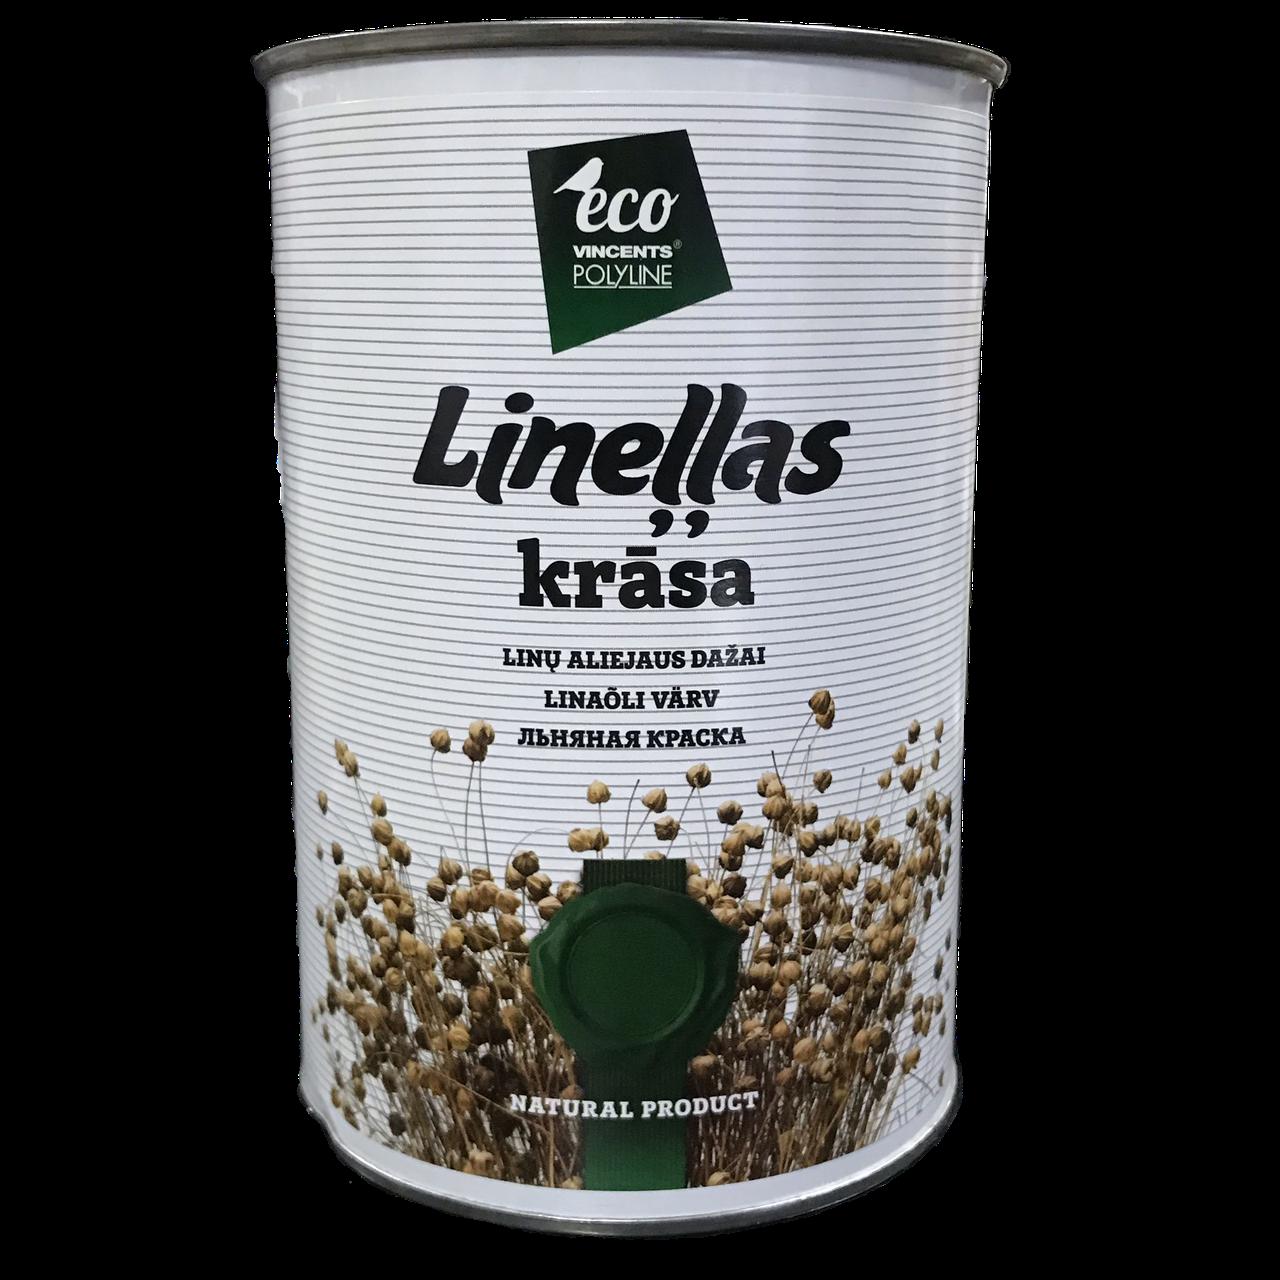 Фарба на основі лляної олії Vincents Polyline Linellas krasa 1л Лісовий горіх